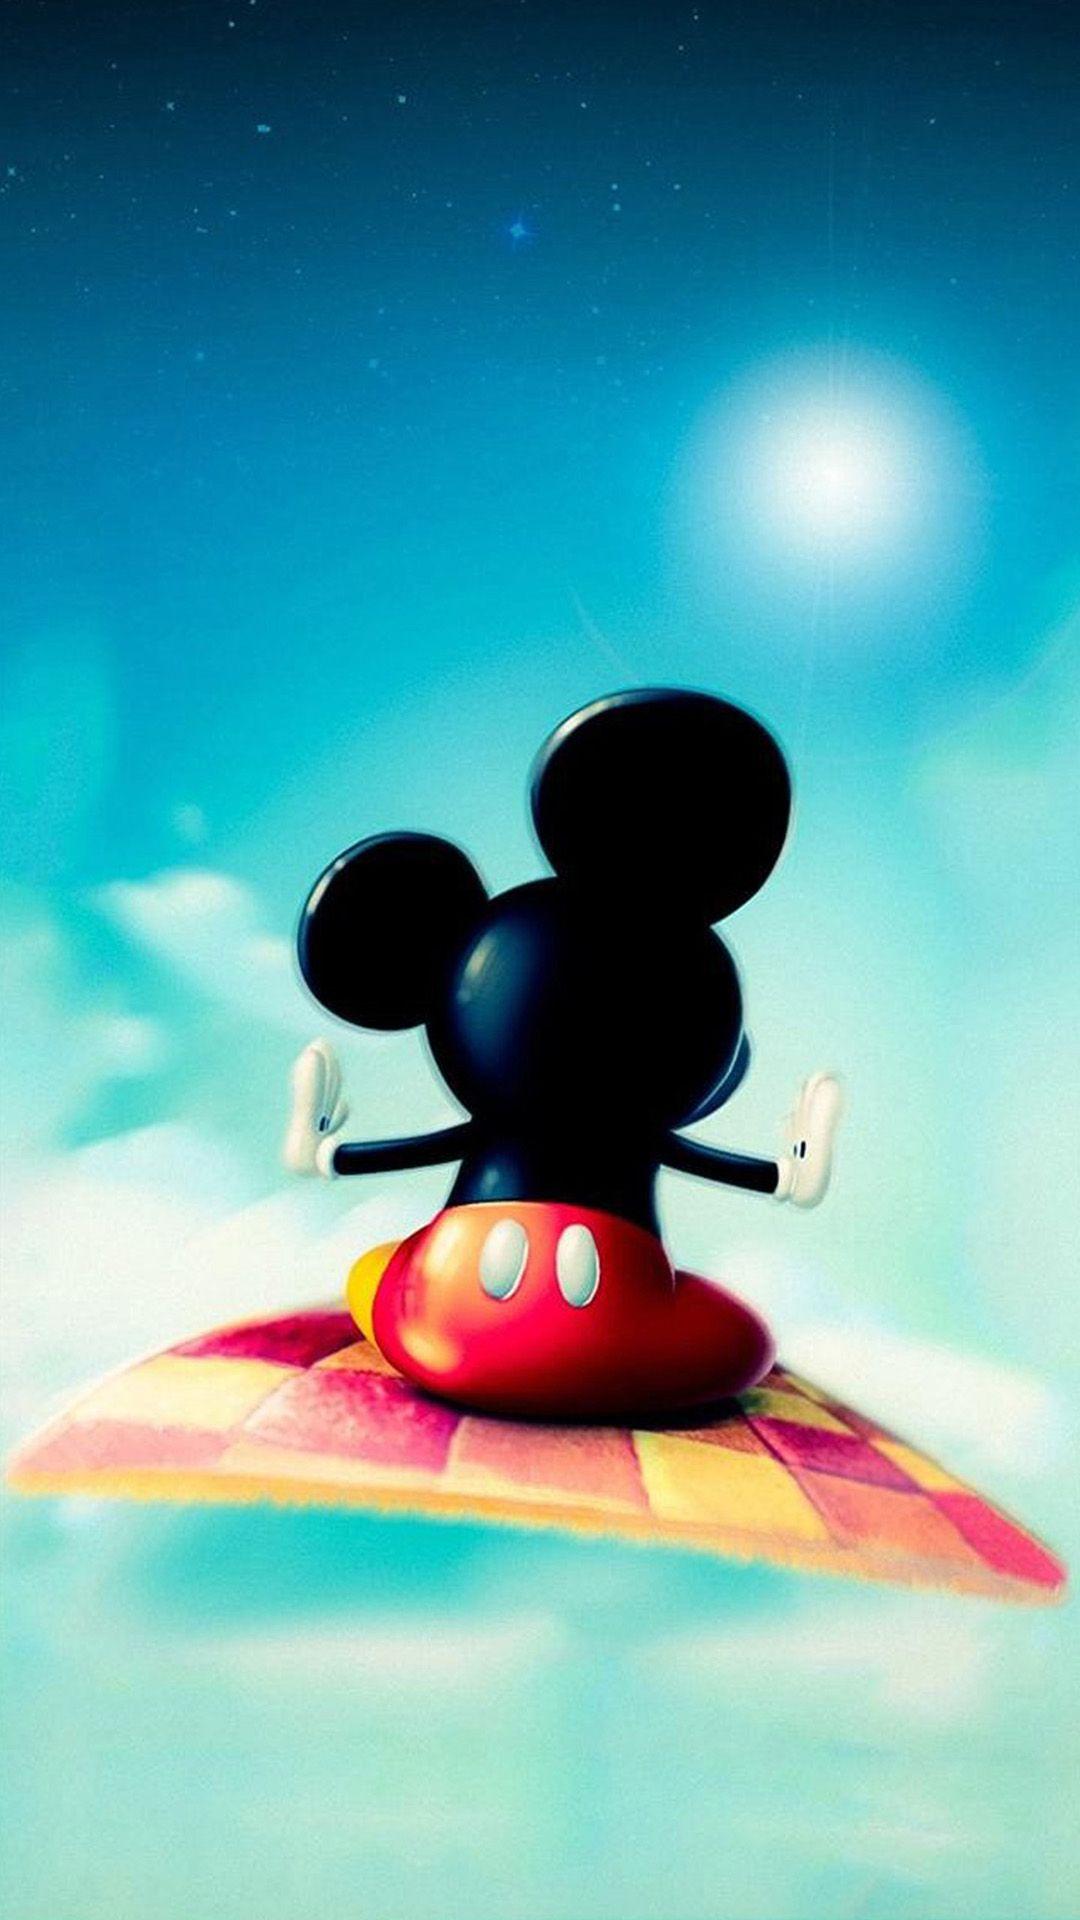 【ここからダウンロード】 ミッキー マウス 壁紙 Iphone - 高品質の壁紙のHD壁紙